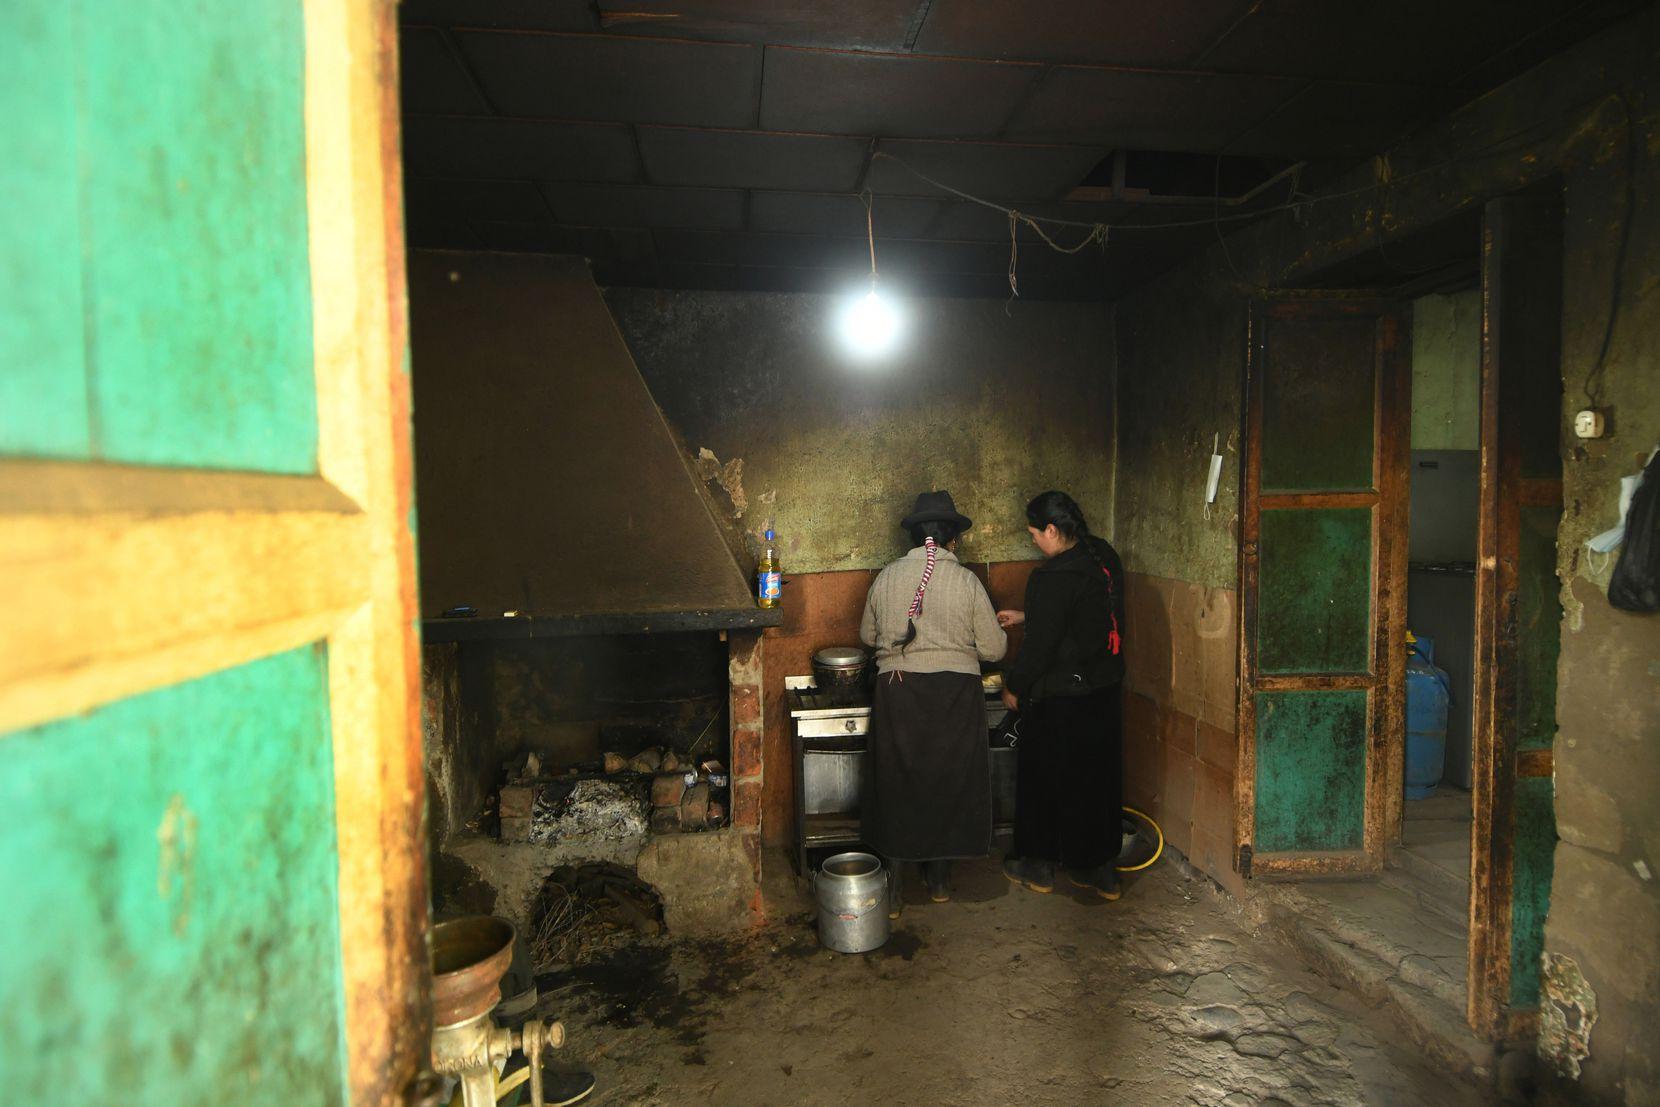 María, de 51 años y su hija Estefanía de 21 años, preparan comida en la cocina de su casa en la provincia de Chimborazo en Ecuador.